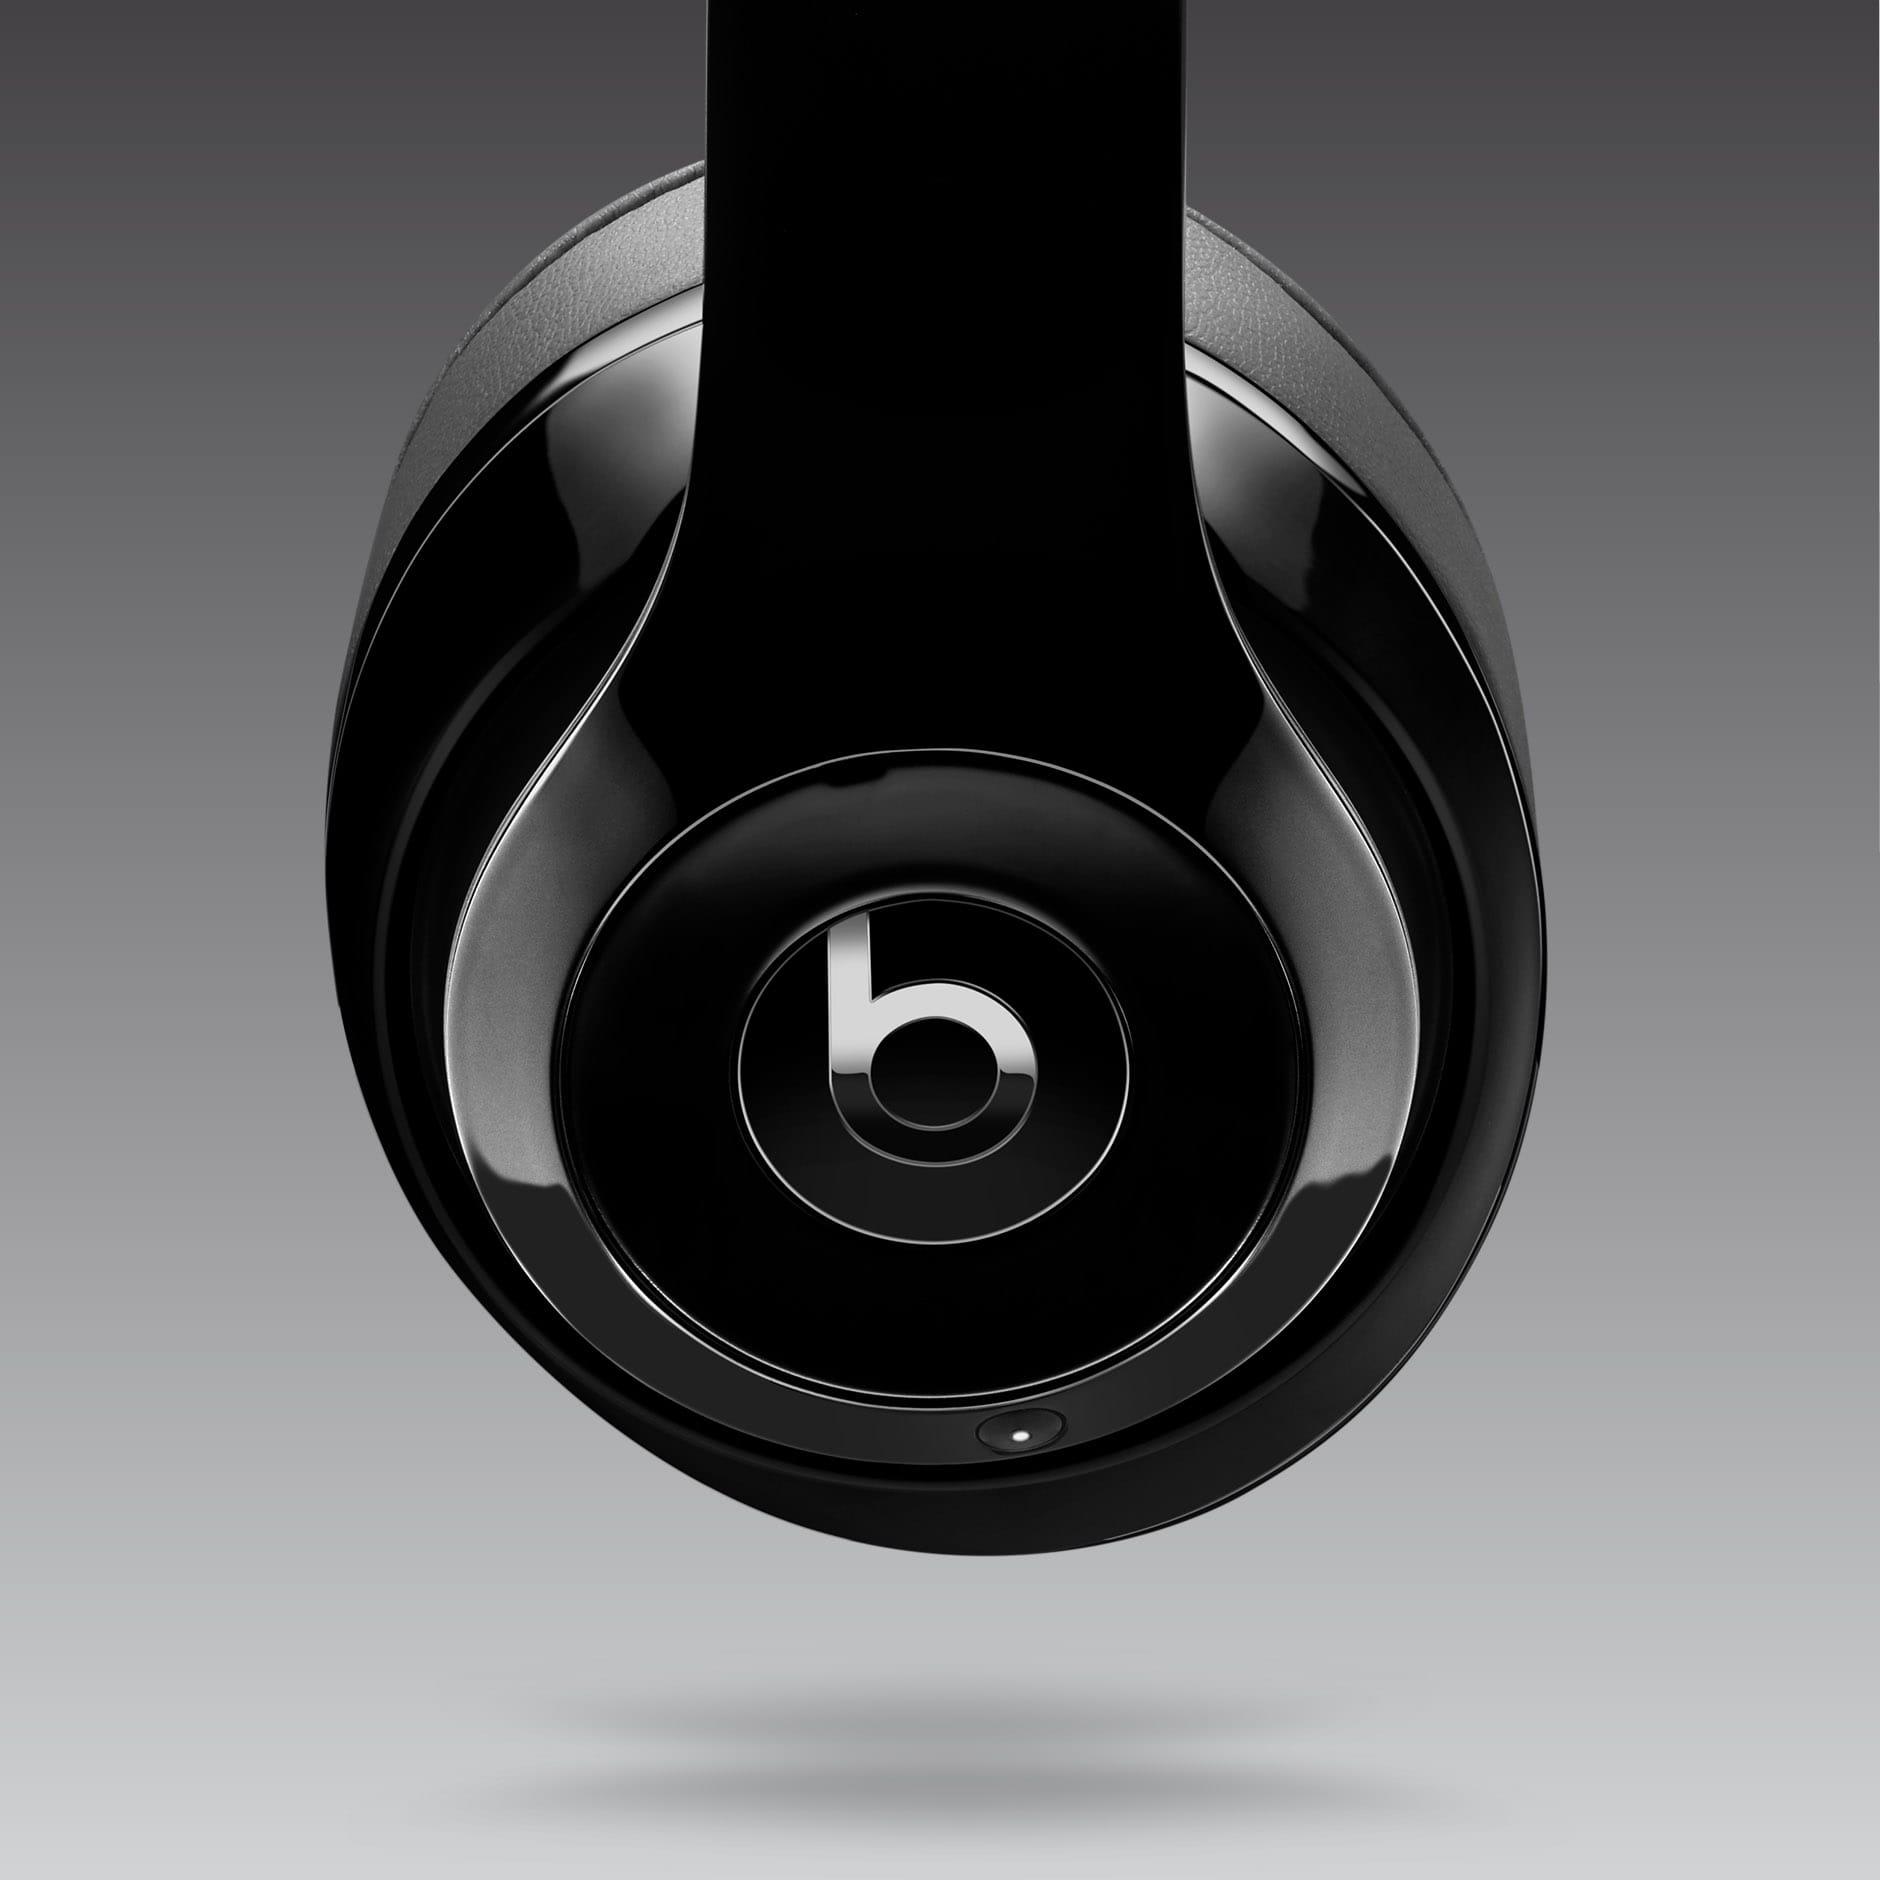 Refurbished Beats Studio 2.0 Wireless Over-Ear Headphones